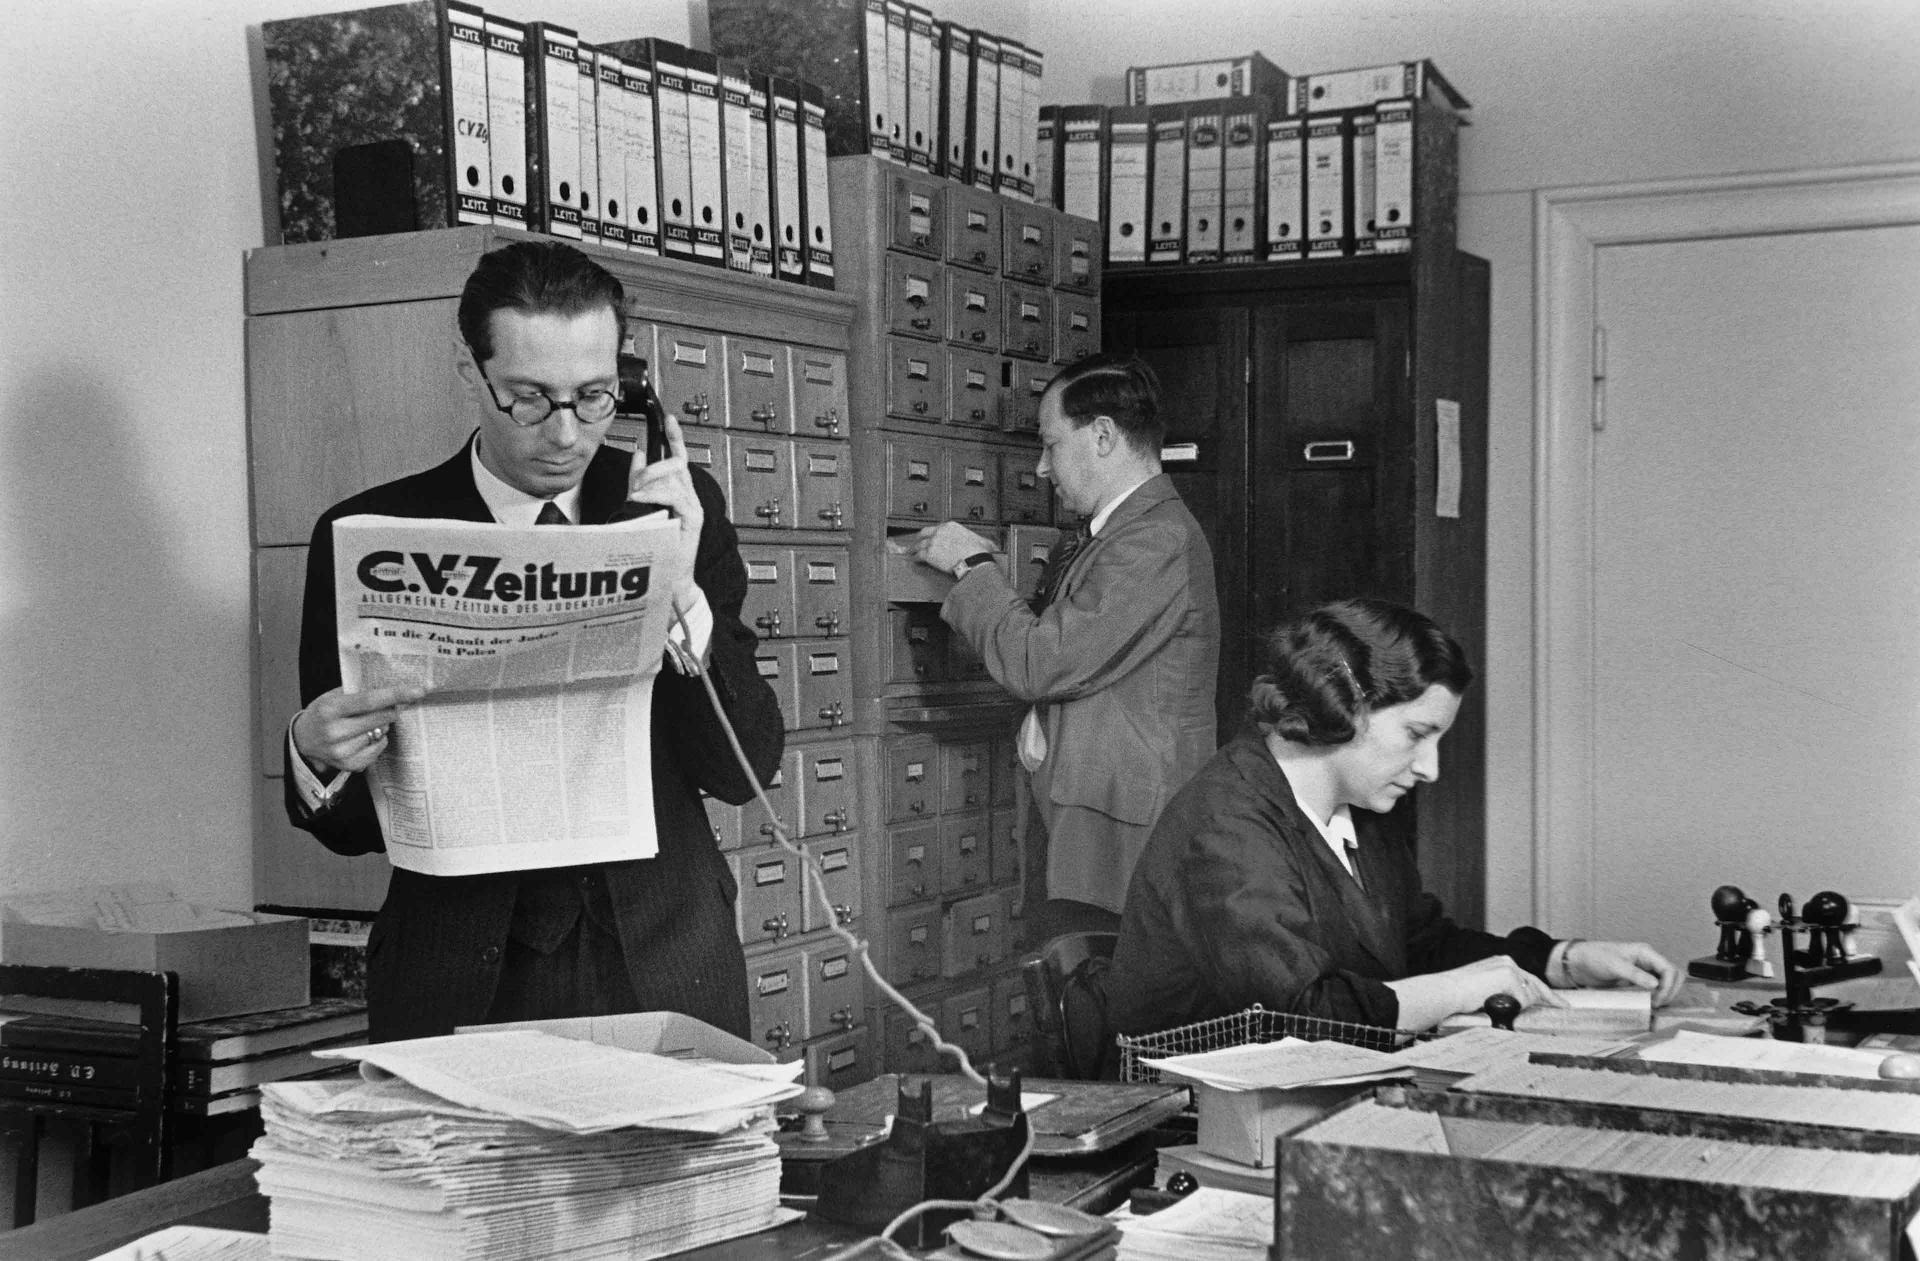 Ein Mann im Anzug liest im Stehen die C.V.-Zeitung und telefoniert dabei, im Hintergrund eine Frau am Schreibtisch und ein Mann am Aktenschrank